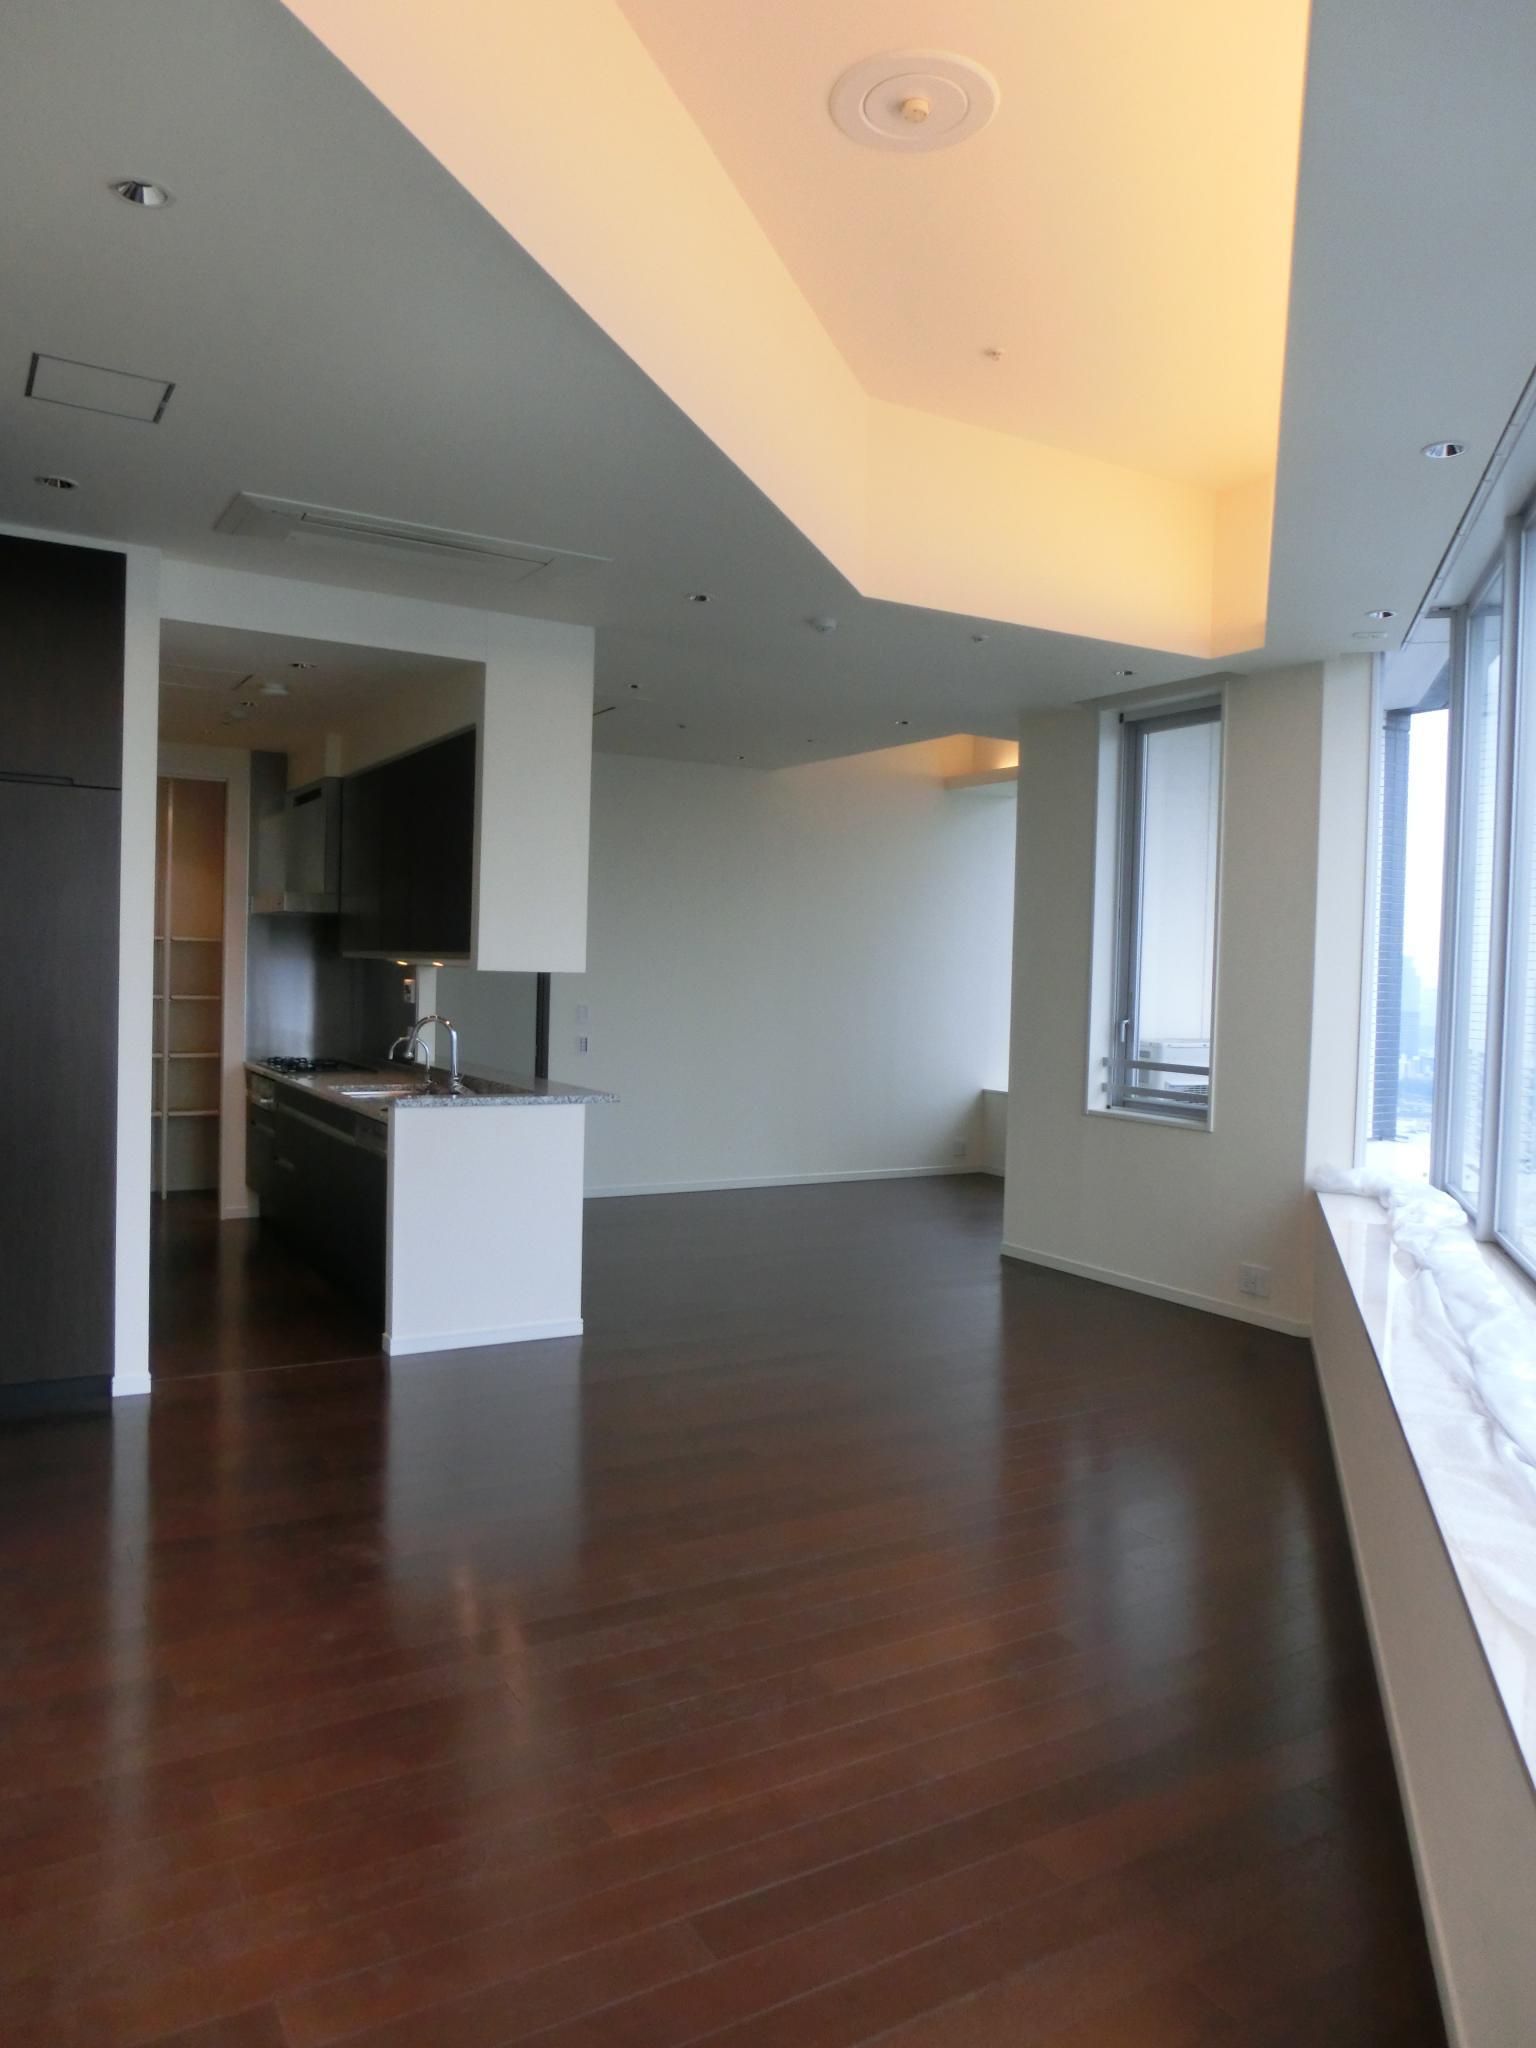 3LDK Apartment - Ichigayahommuracho - Shinjuku-ku - Tokyo ...